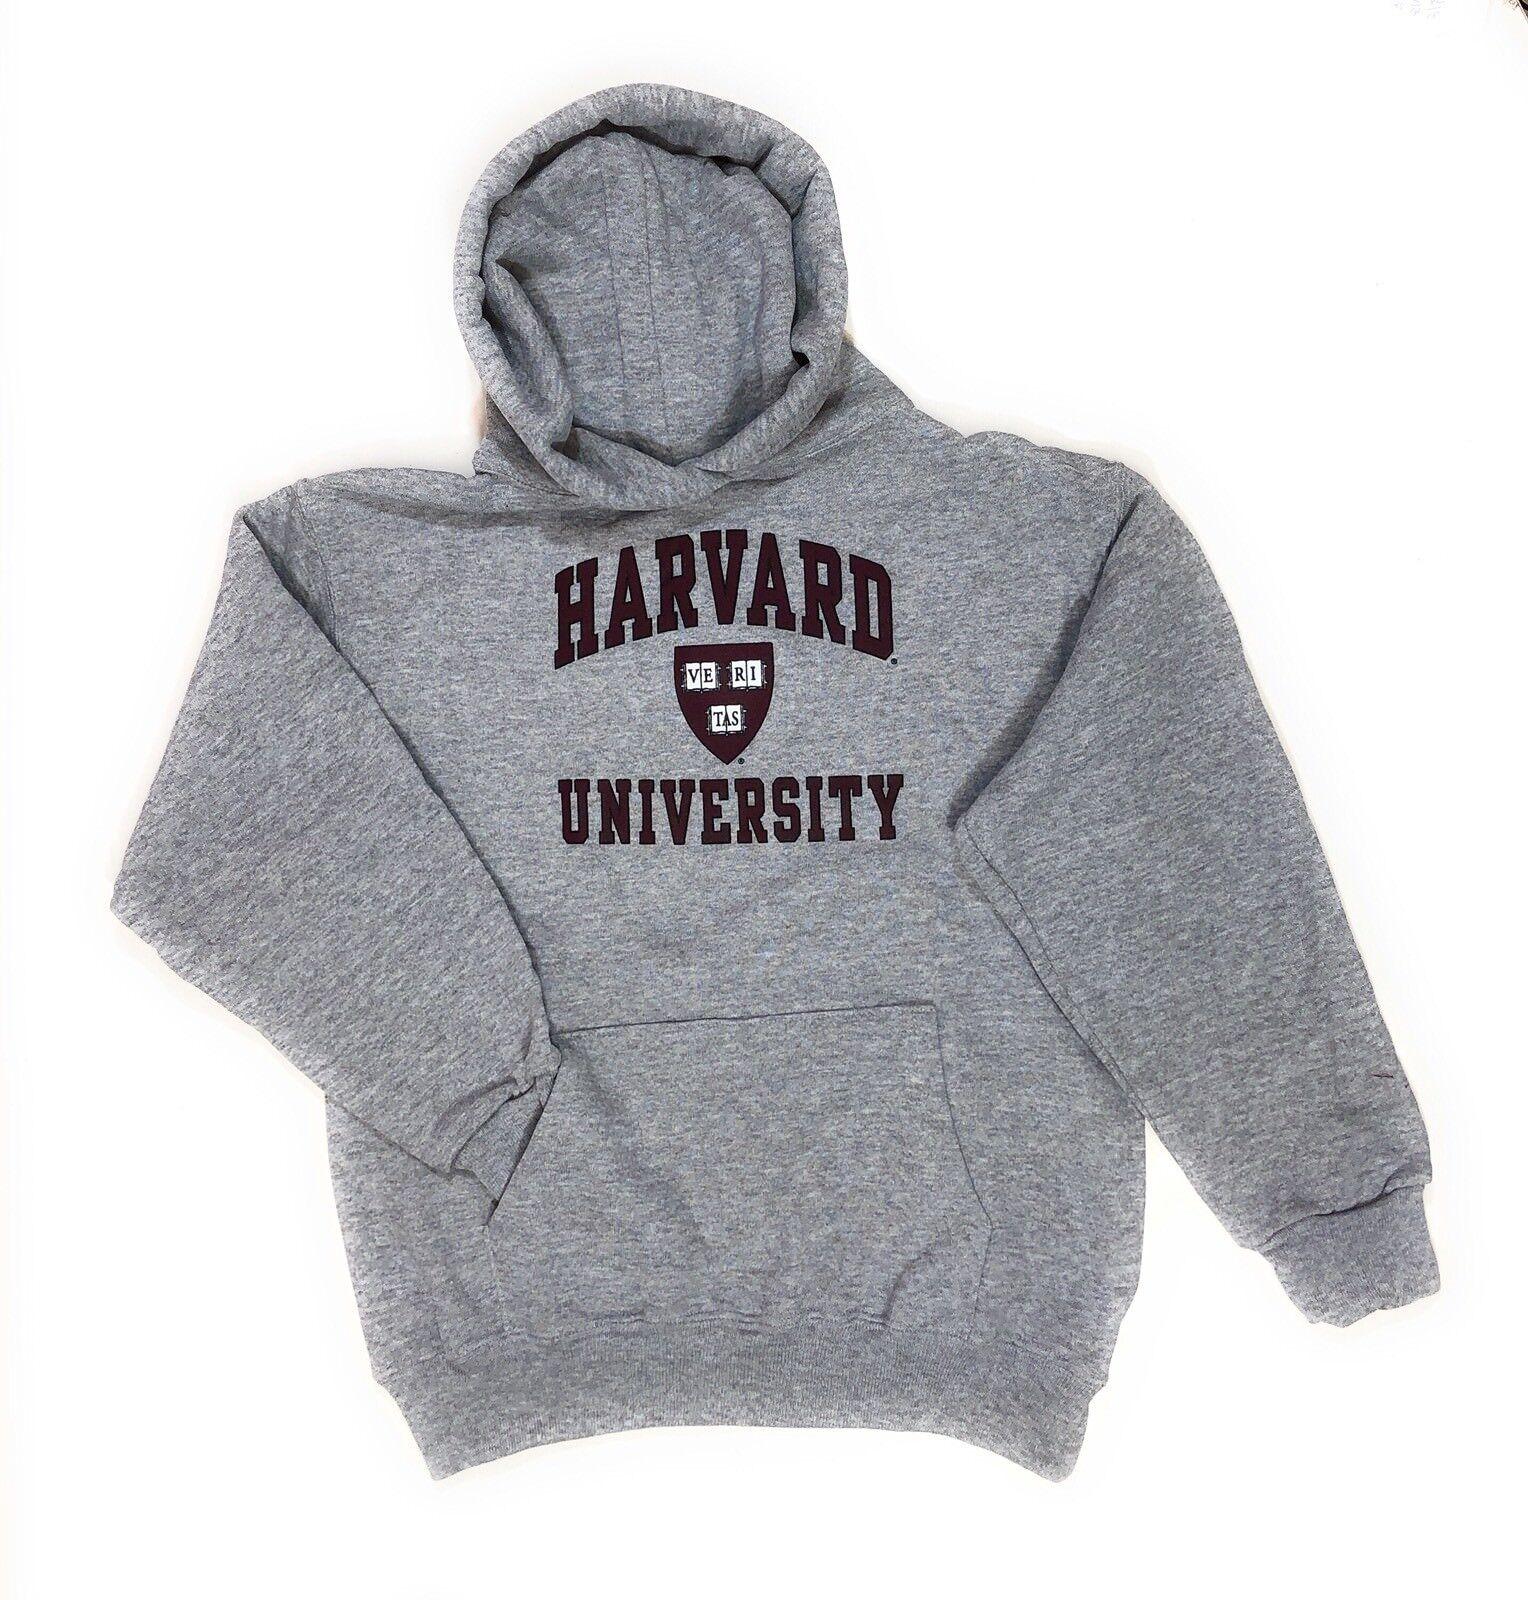 Harvard Blutrot Gipfel-Logo Kapuzenpullover Jugendgrößen: S-M-XL Nwt Made in USA